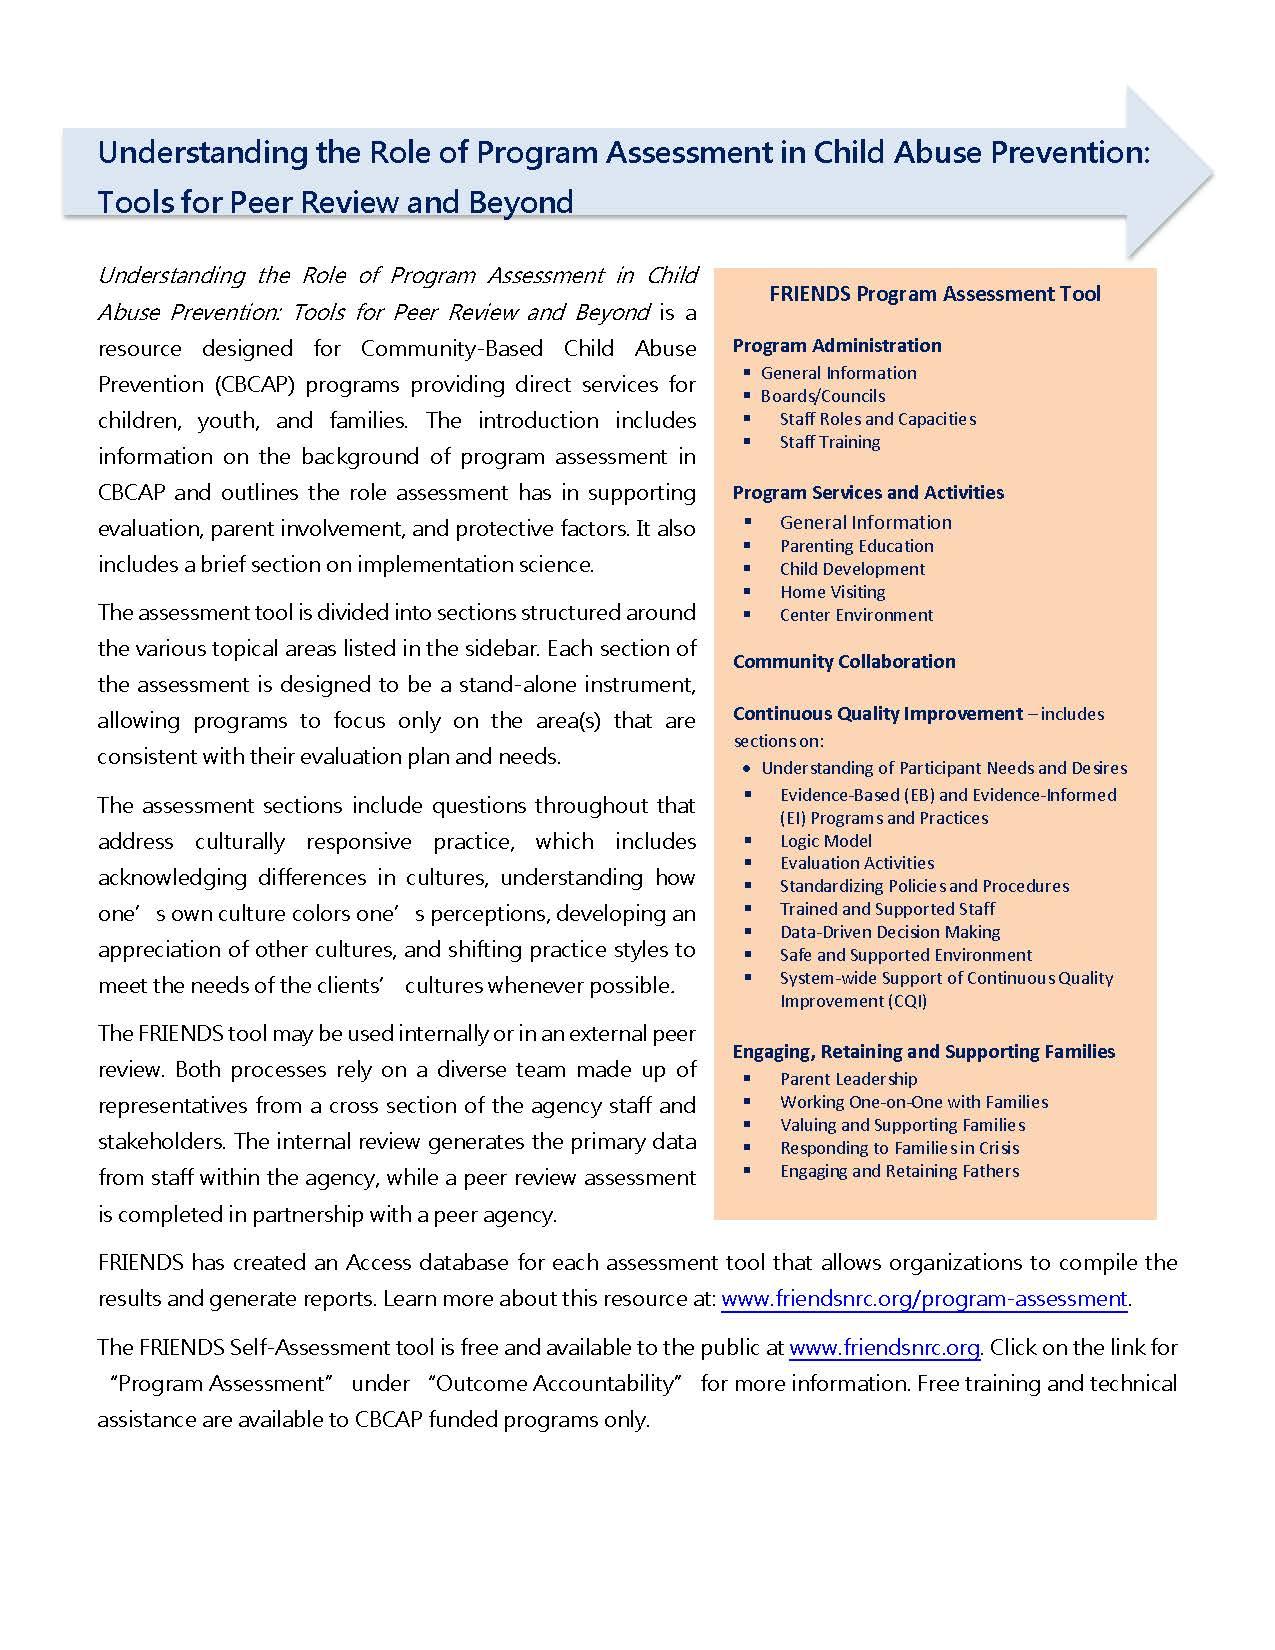 Fact Sheet On Program Assessment